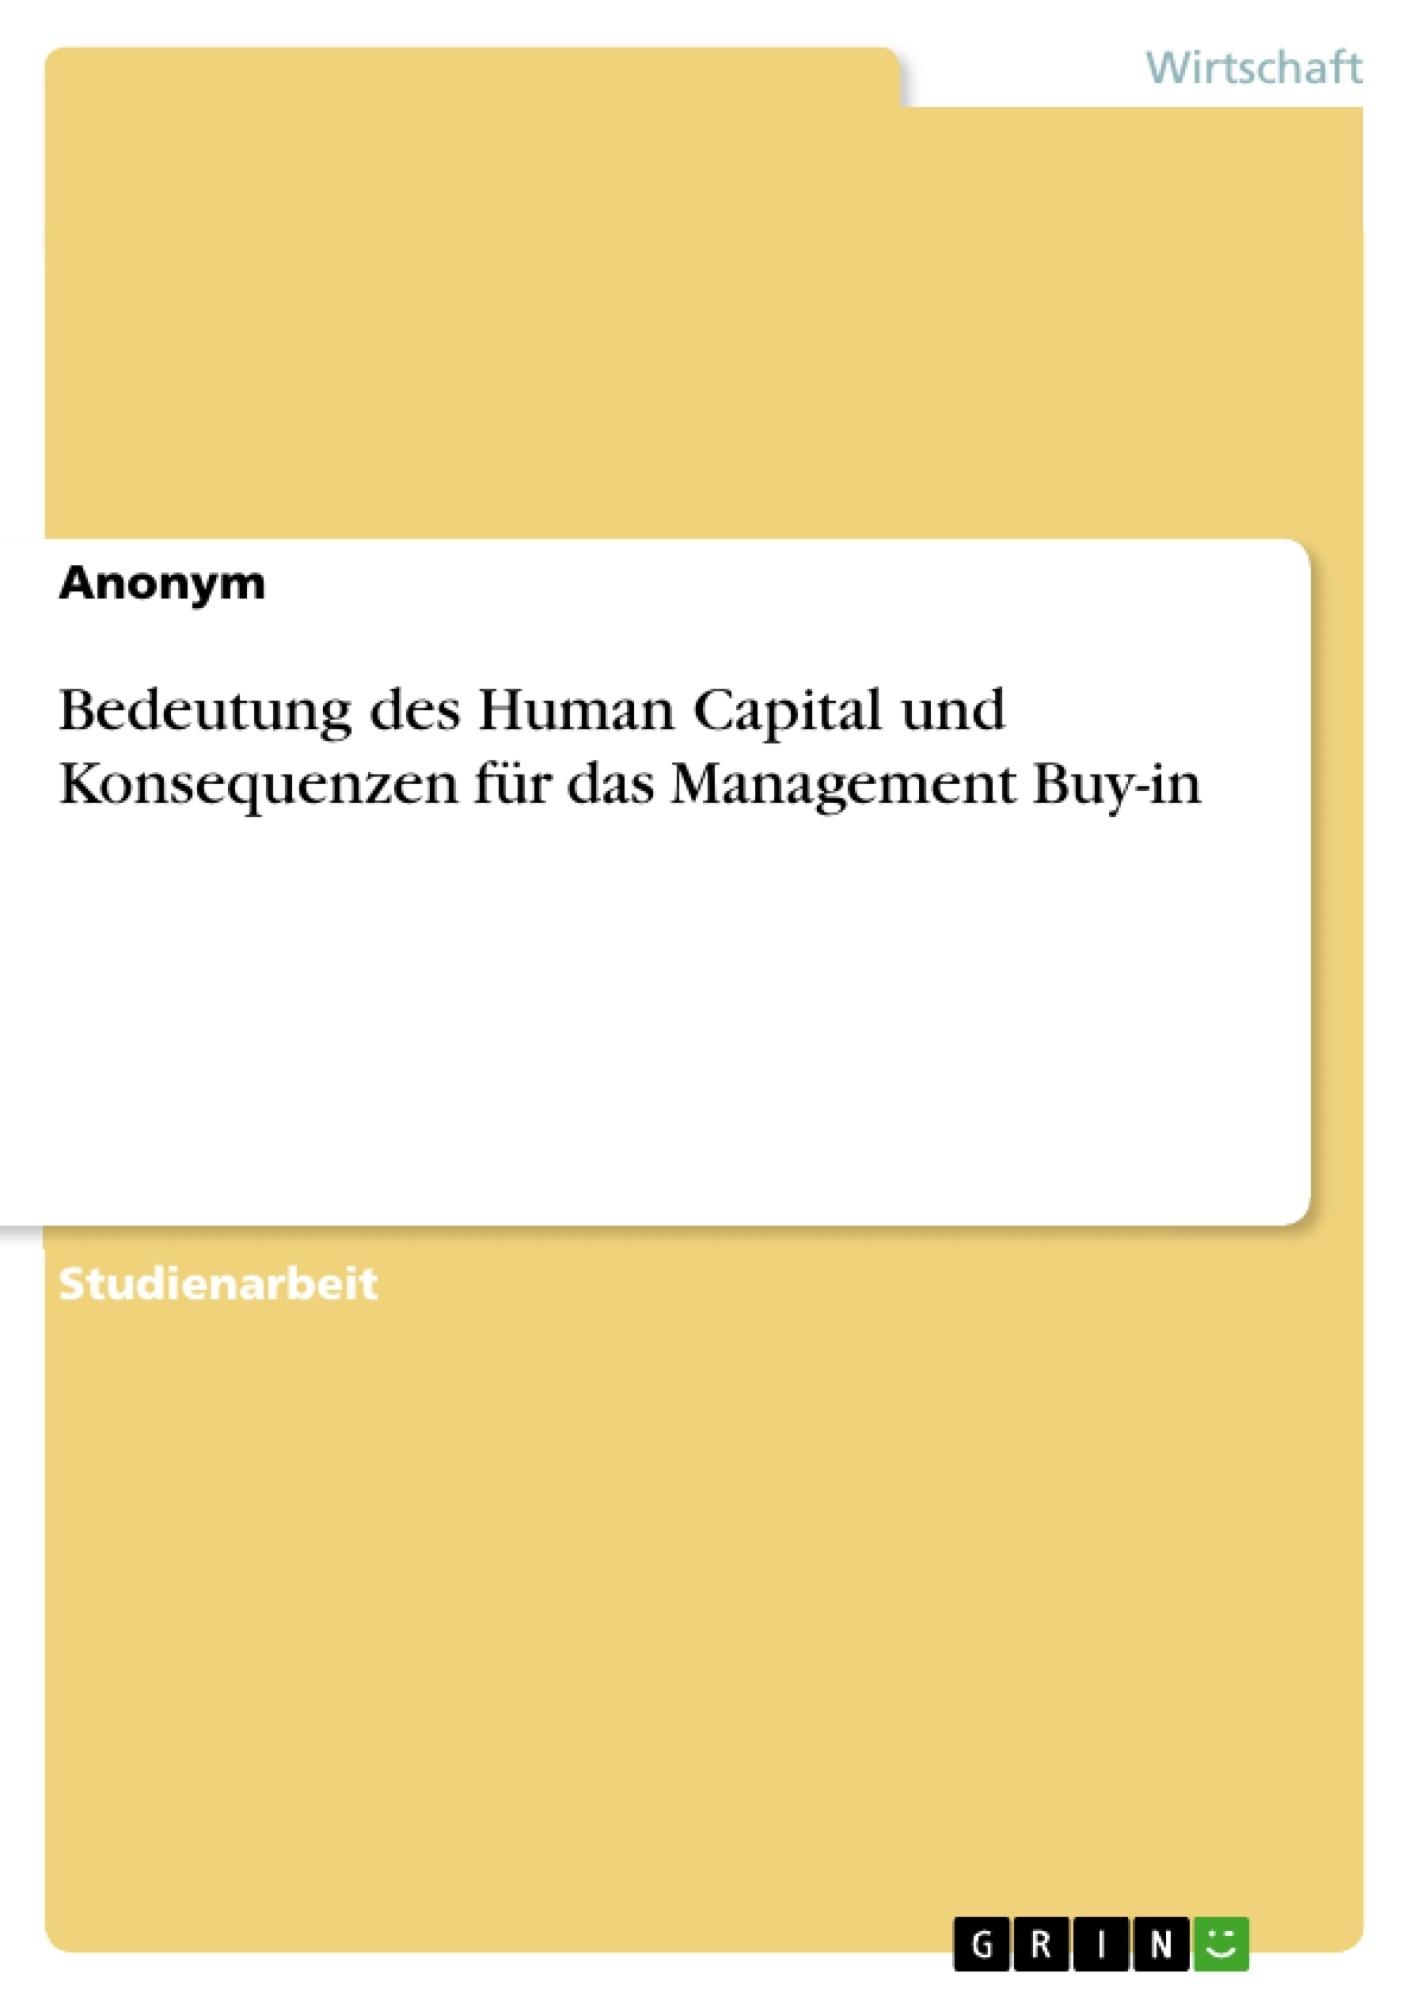 Titel: Bedeutung des Human Capital und Konsequenzen für das Management Buy-in